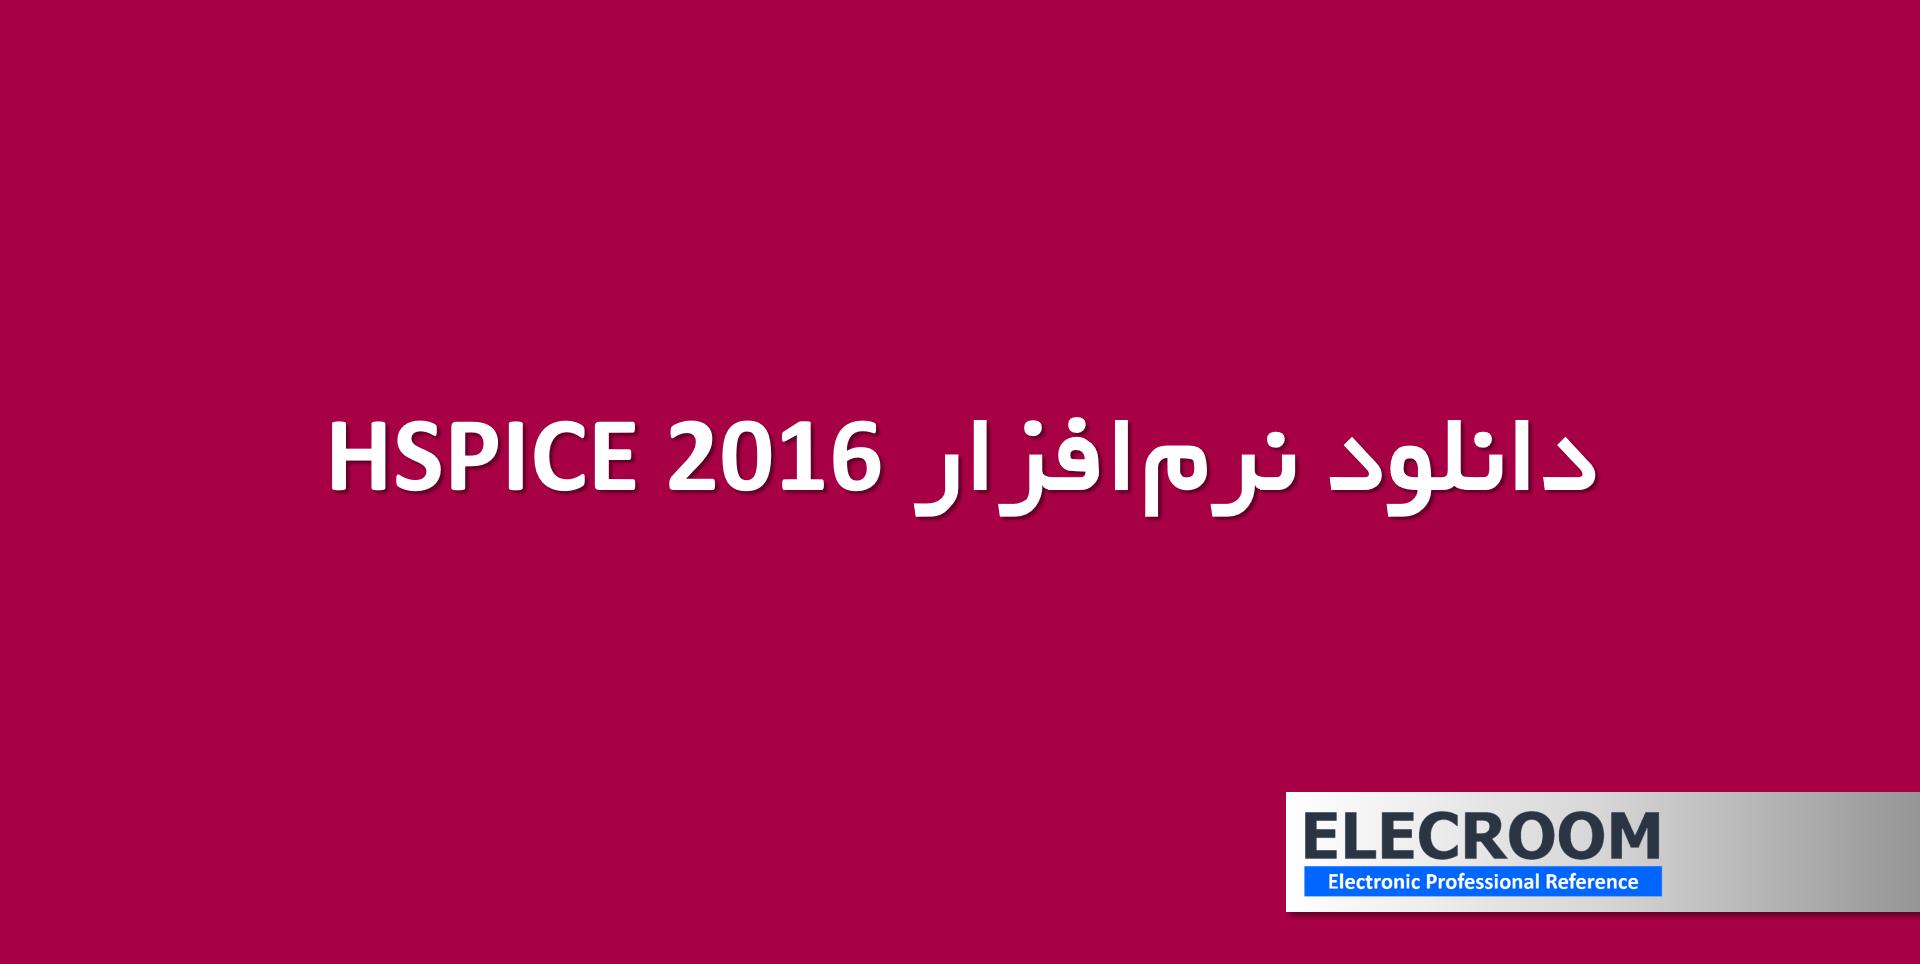 دانلود نرم افزار HSPICE 2016